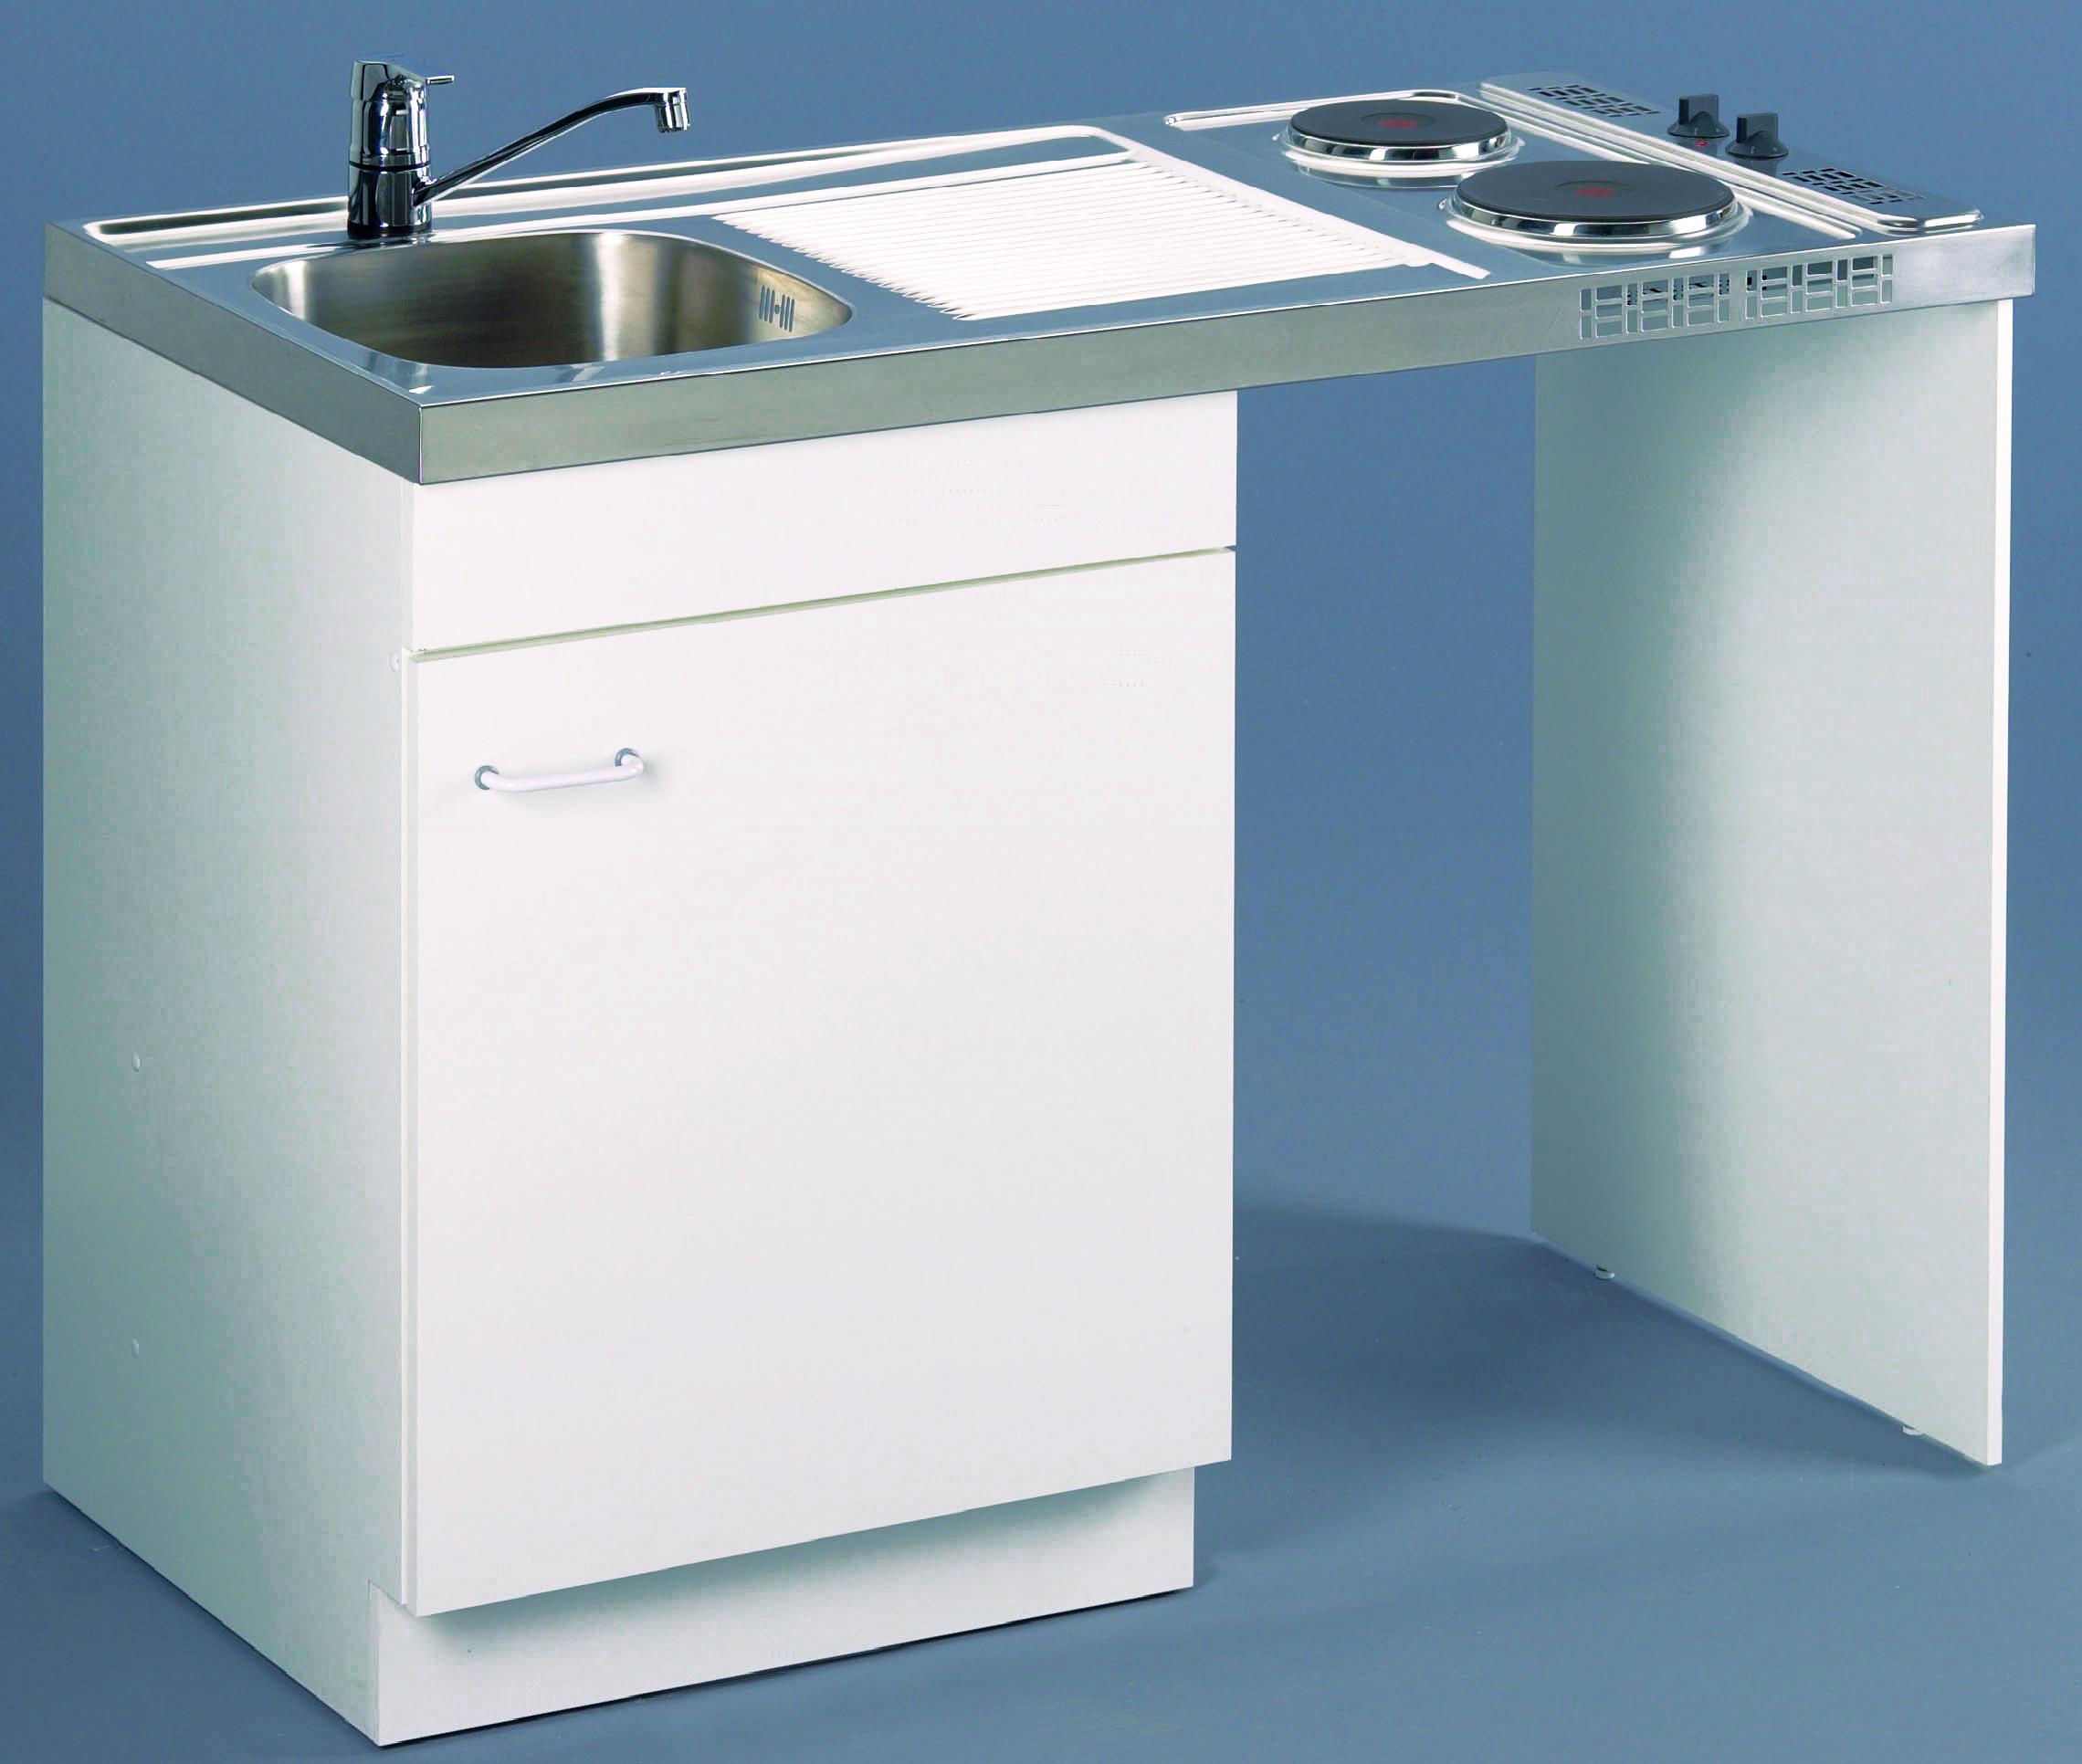 Meuble Bas Avec Jambage 1 Porte Pour Lave Vaisselle 120 Cm Aquarine Montreuil 93100